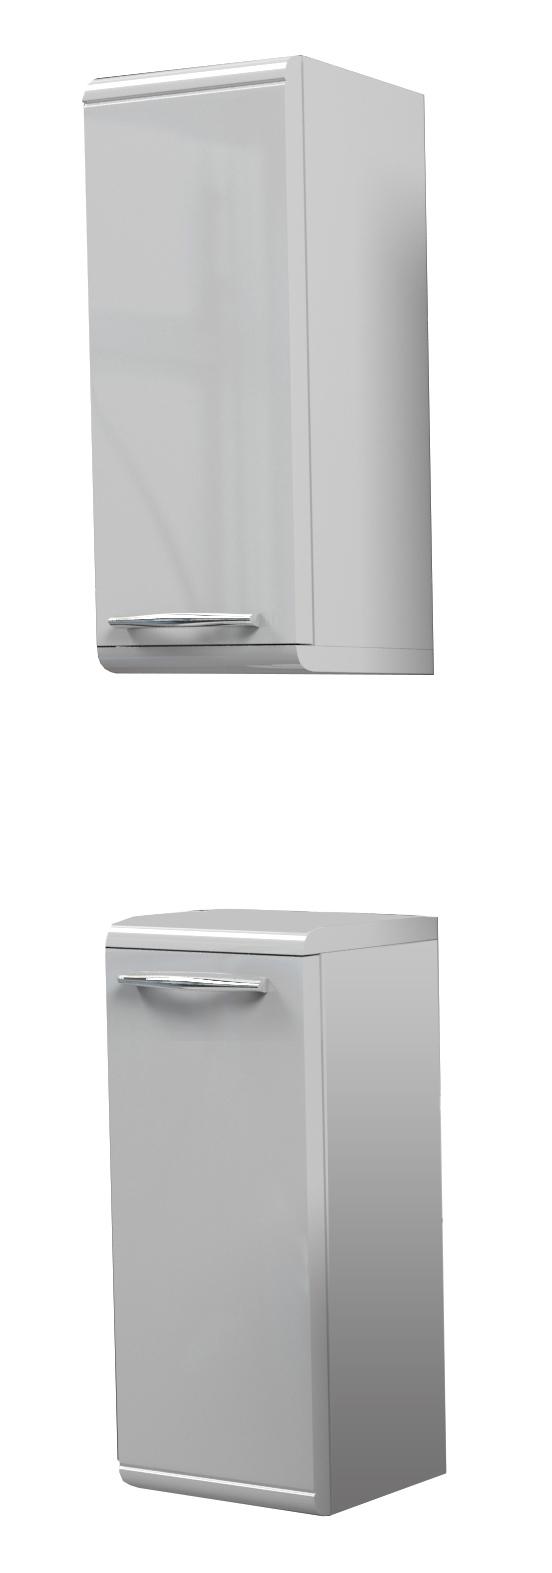 Пенал EdelformМебель для ванной комнаты<br>Тип: пенал,<br>Тип установки мебели для ванной: универсальный,<br>Материал изготовления мебели для ванной: стекло,<br>Цвет мебели для ванной: белый,<br>Вес нетто: 10.8<br>